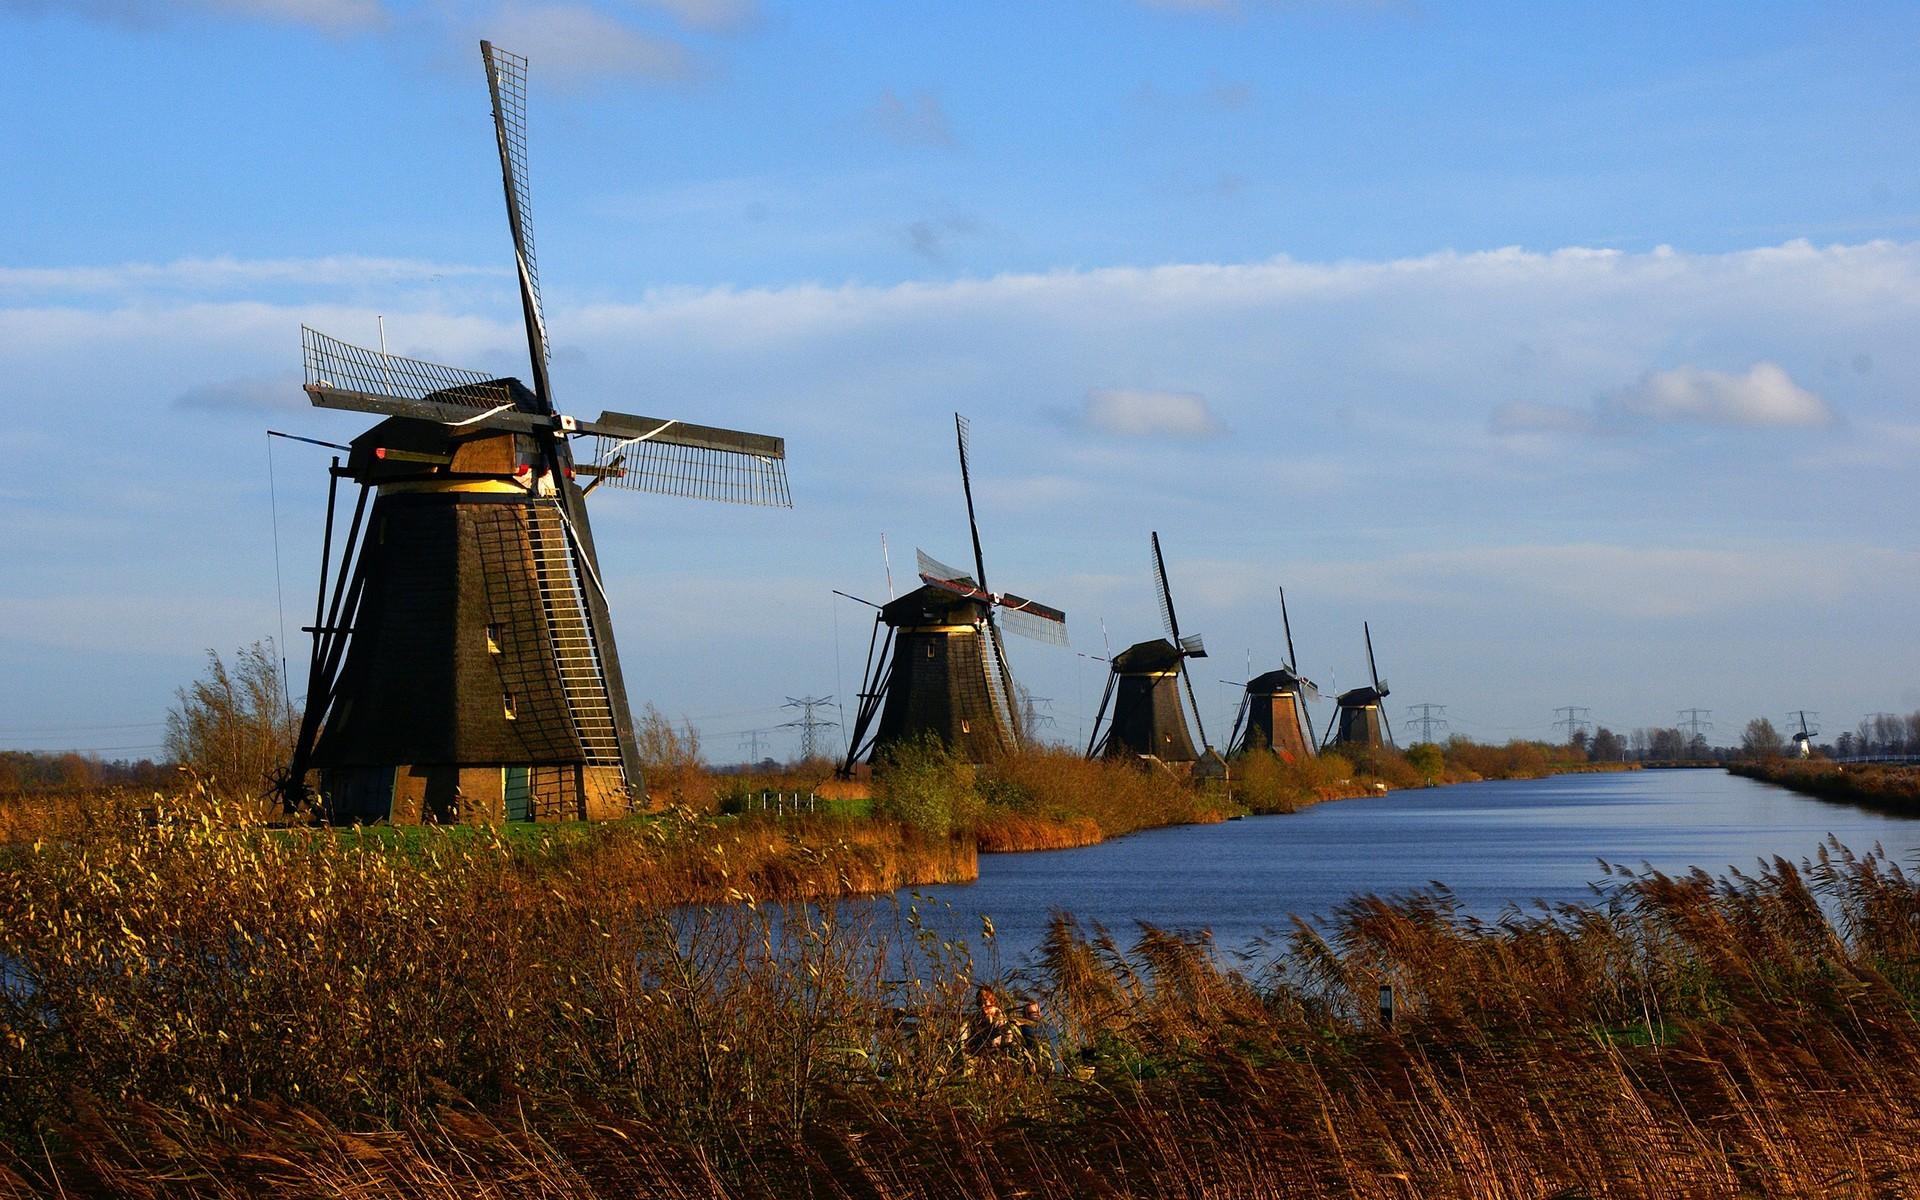 … Dutch Windmill Wallpaper – WallpaperSafari